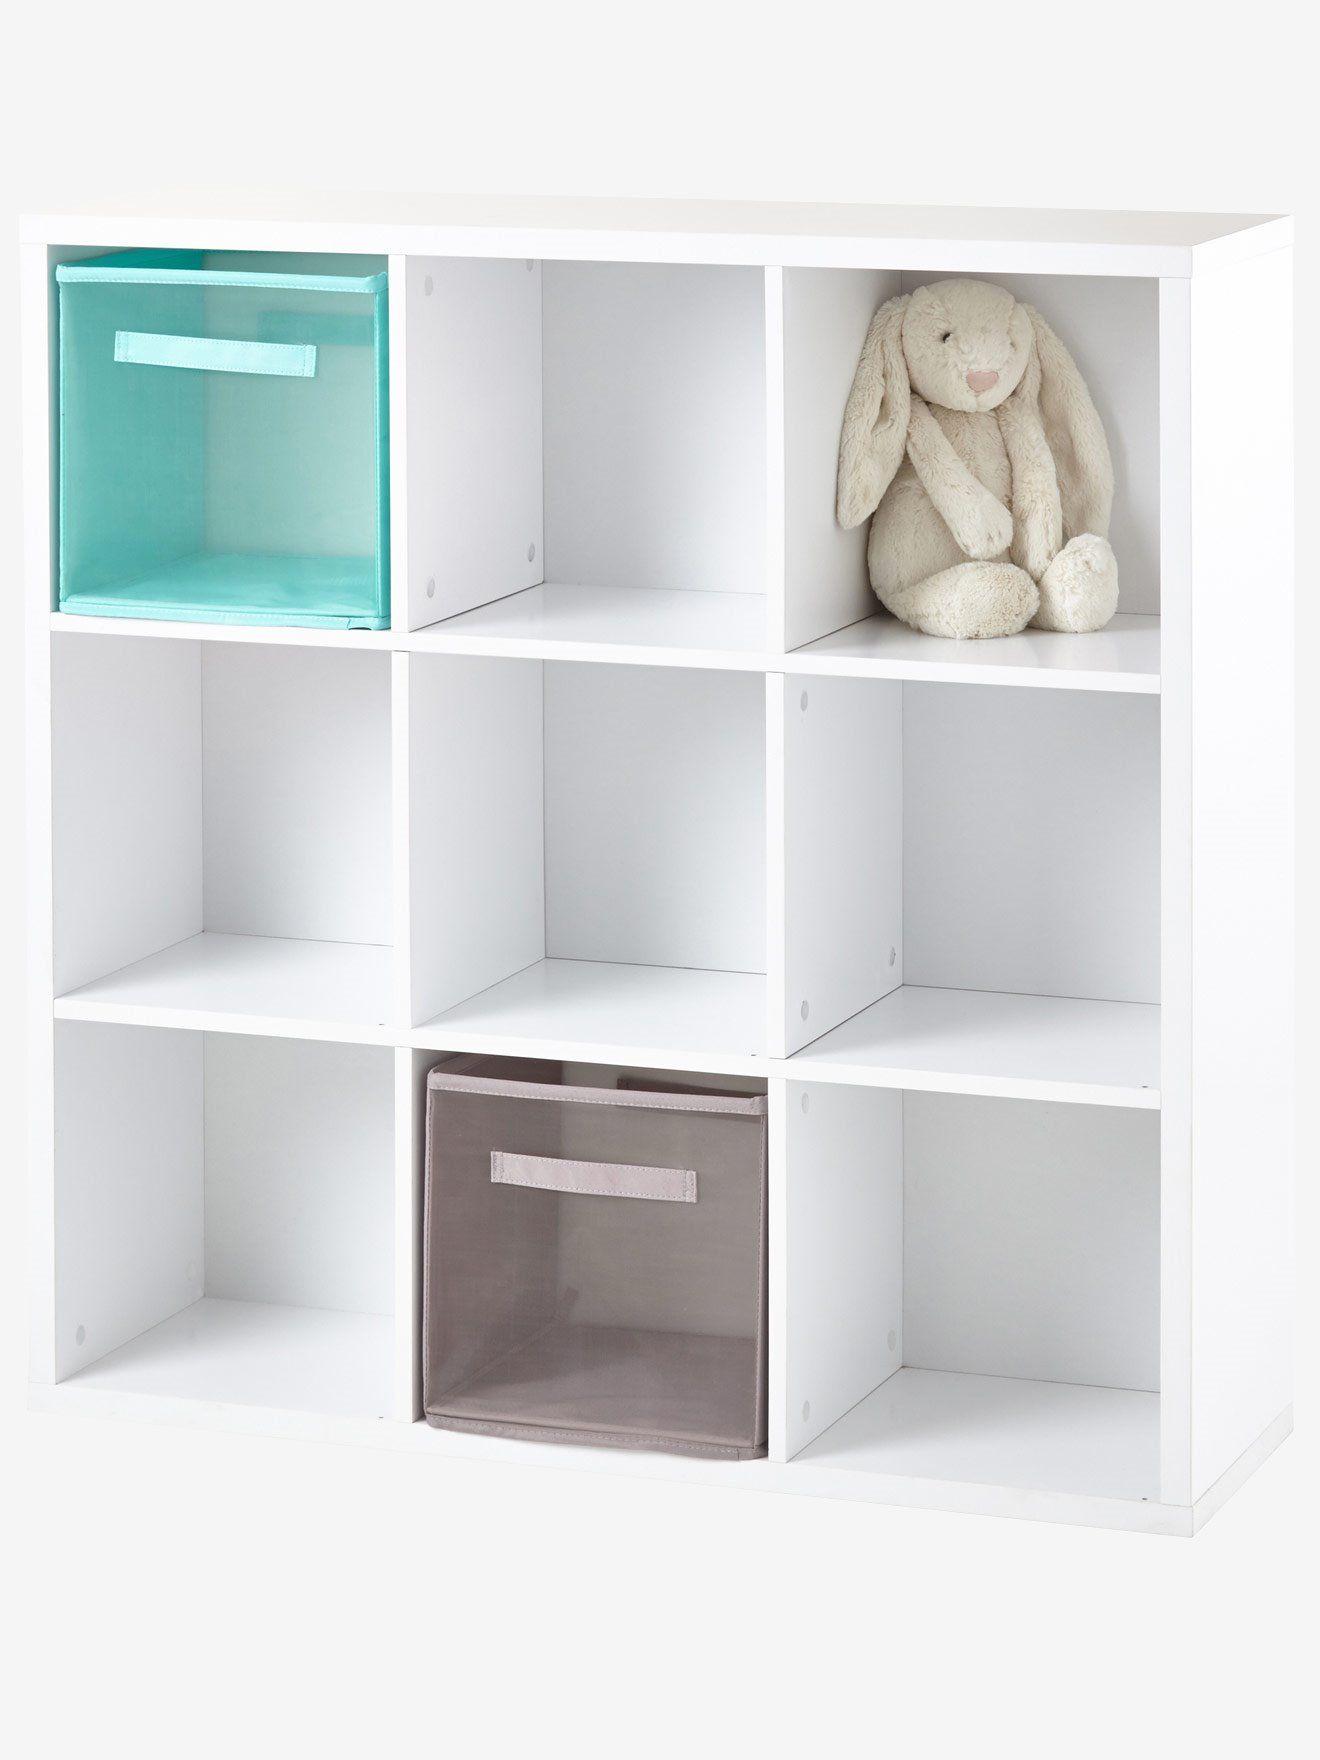 meuble de rangement 9 cases blanc